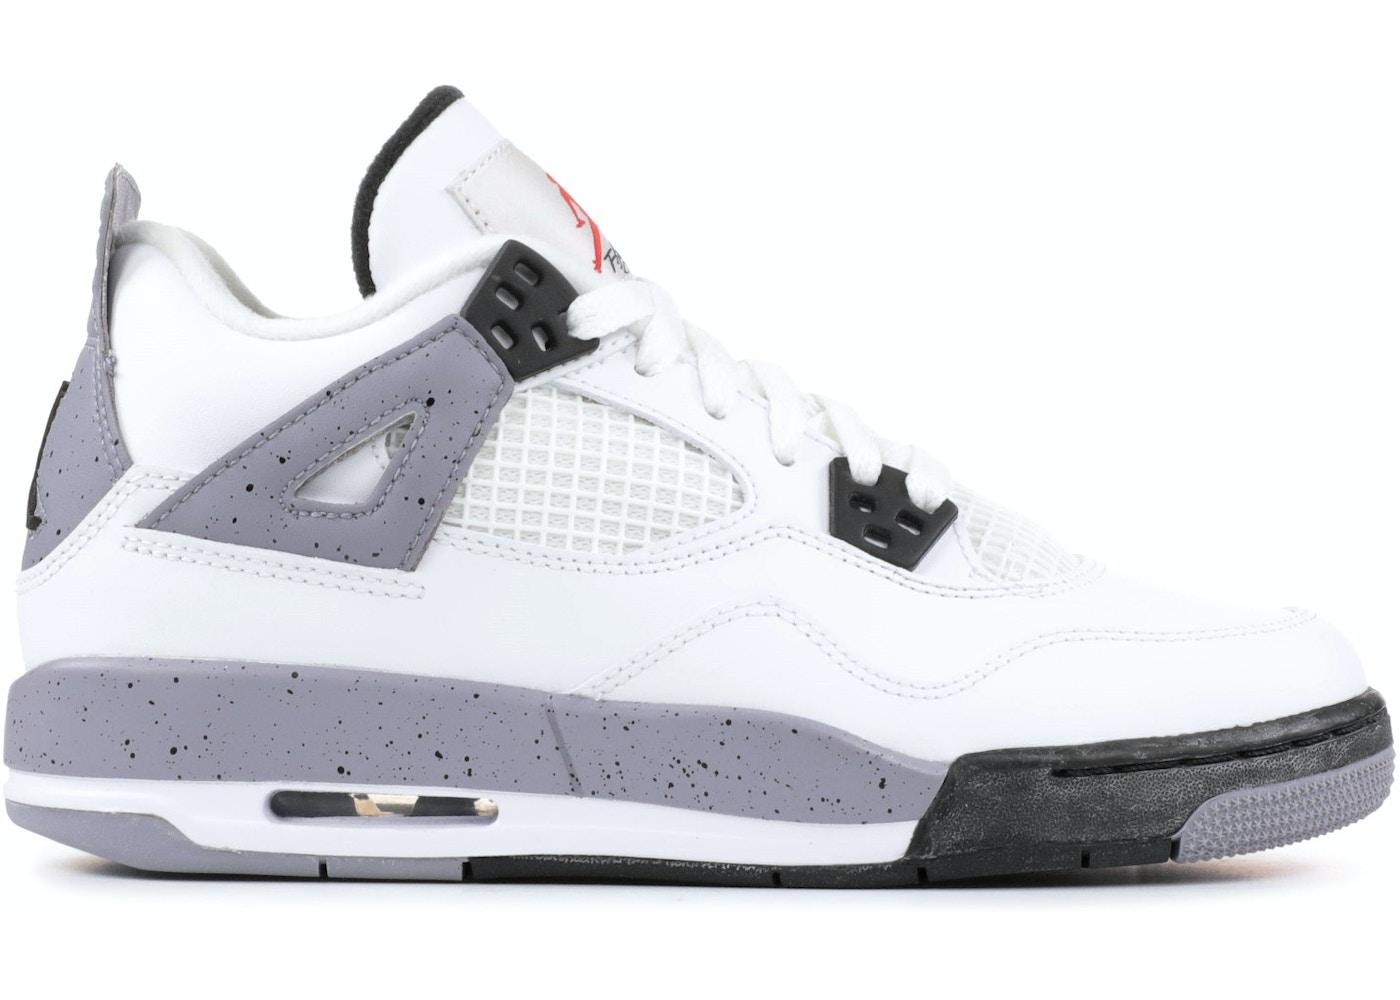 fad04391b92cf7 Jordan 4 Retro White Cement 2012 (GS) - 408452-103